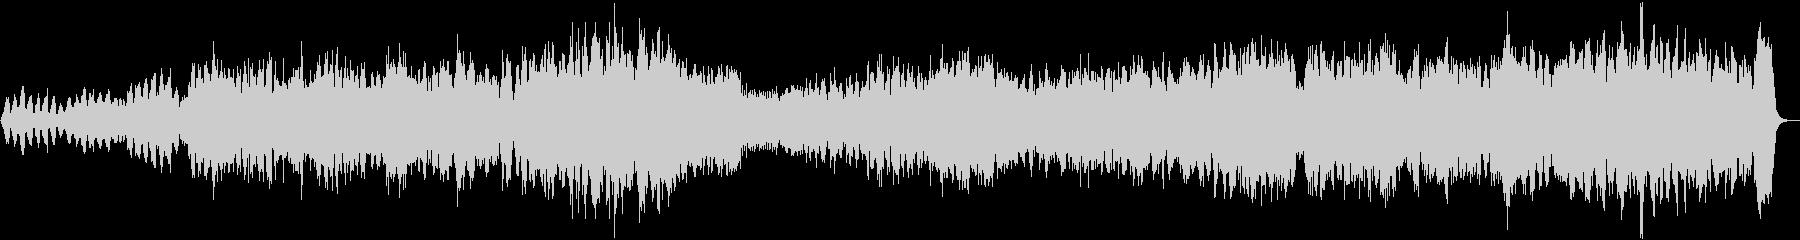 パッヘルベルのカノン/J.パッヘルベルの未再生の波形